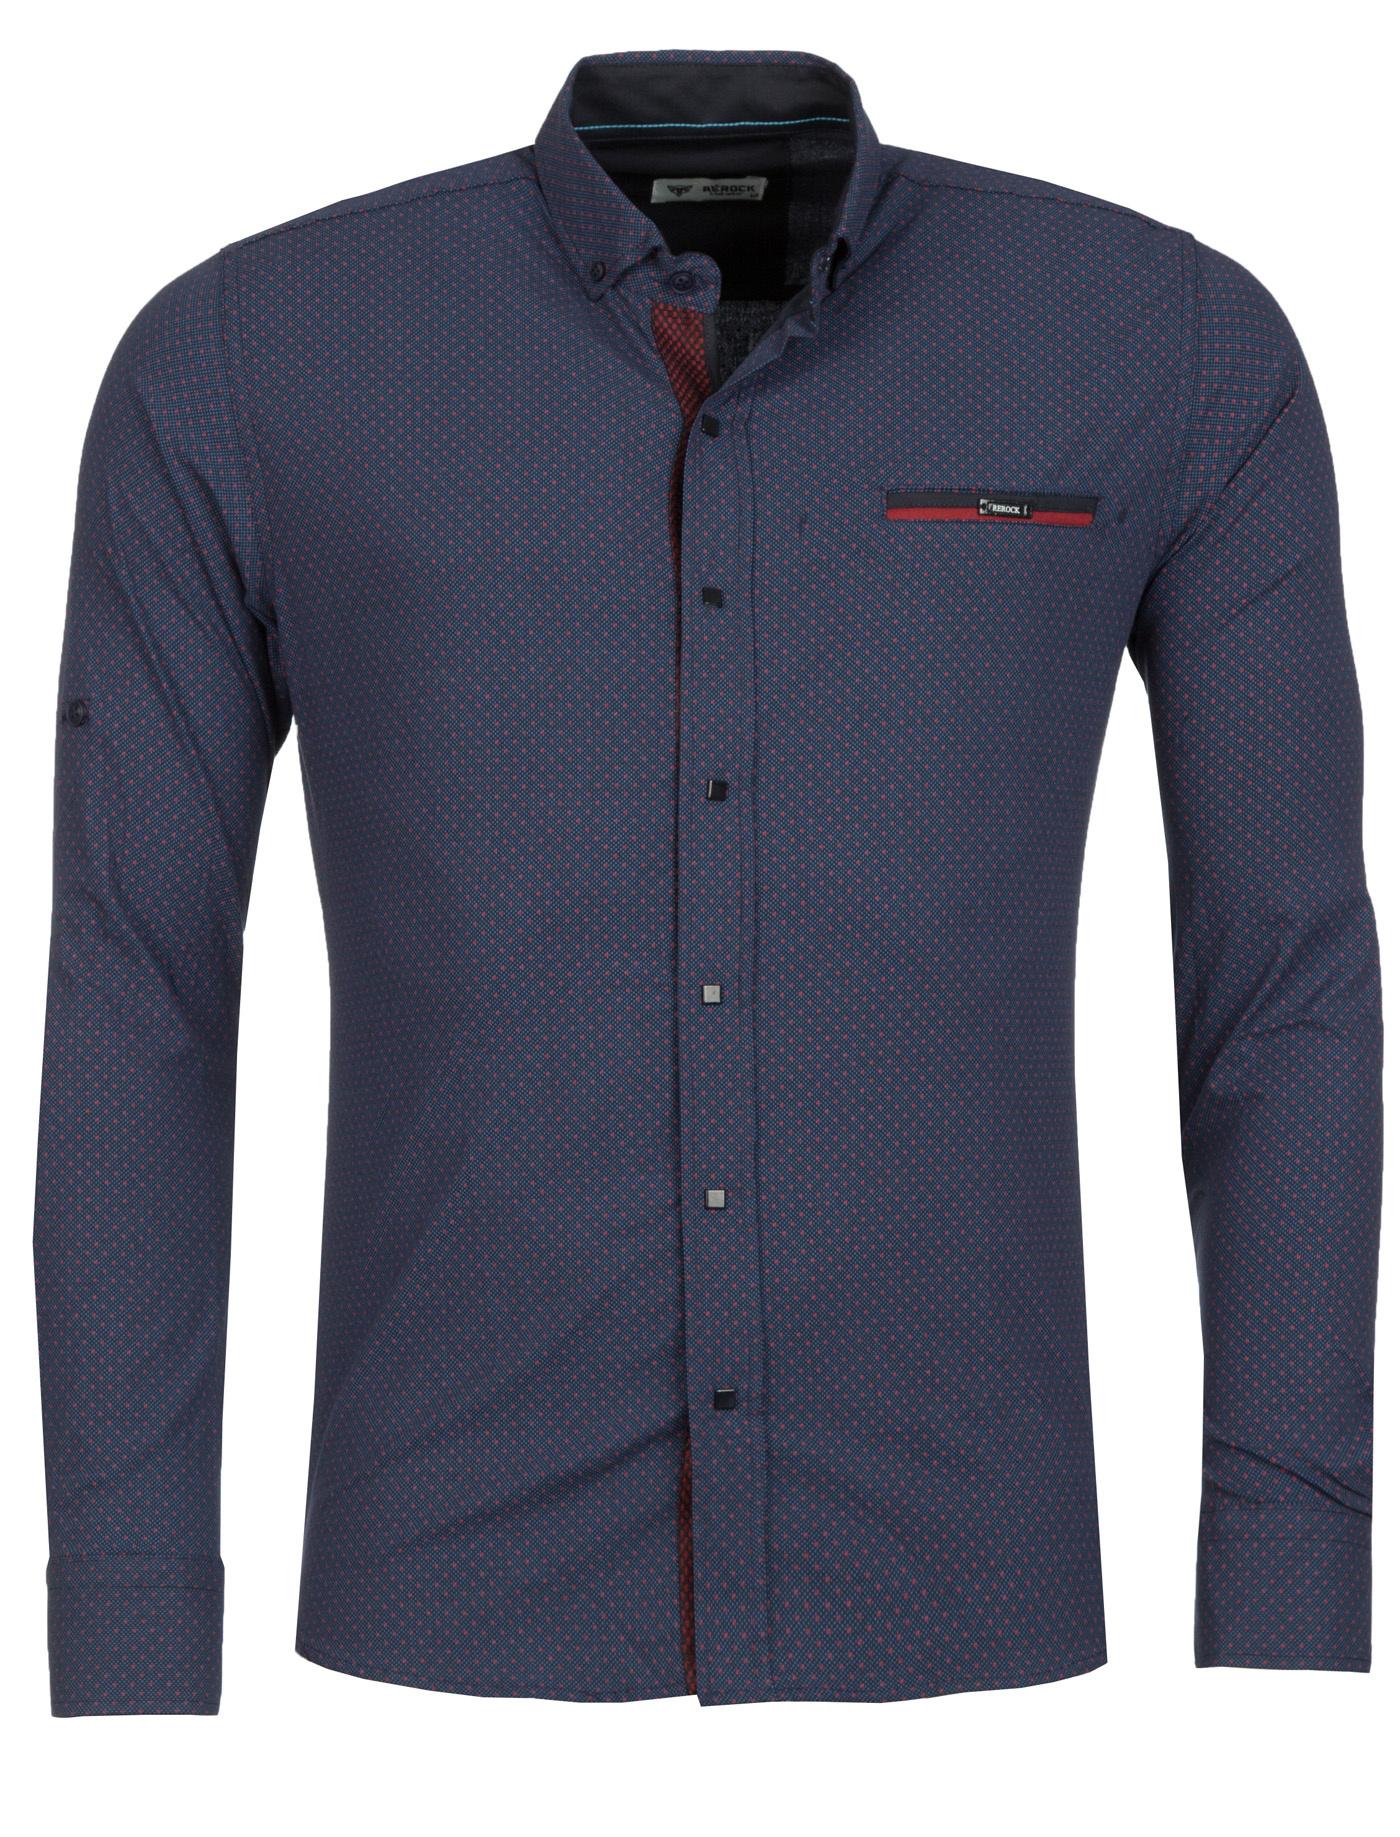 Overhemd marineblauw - rood